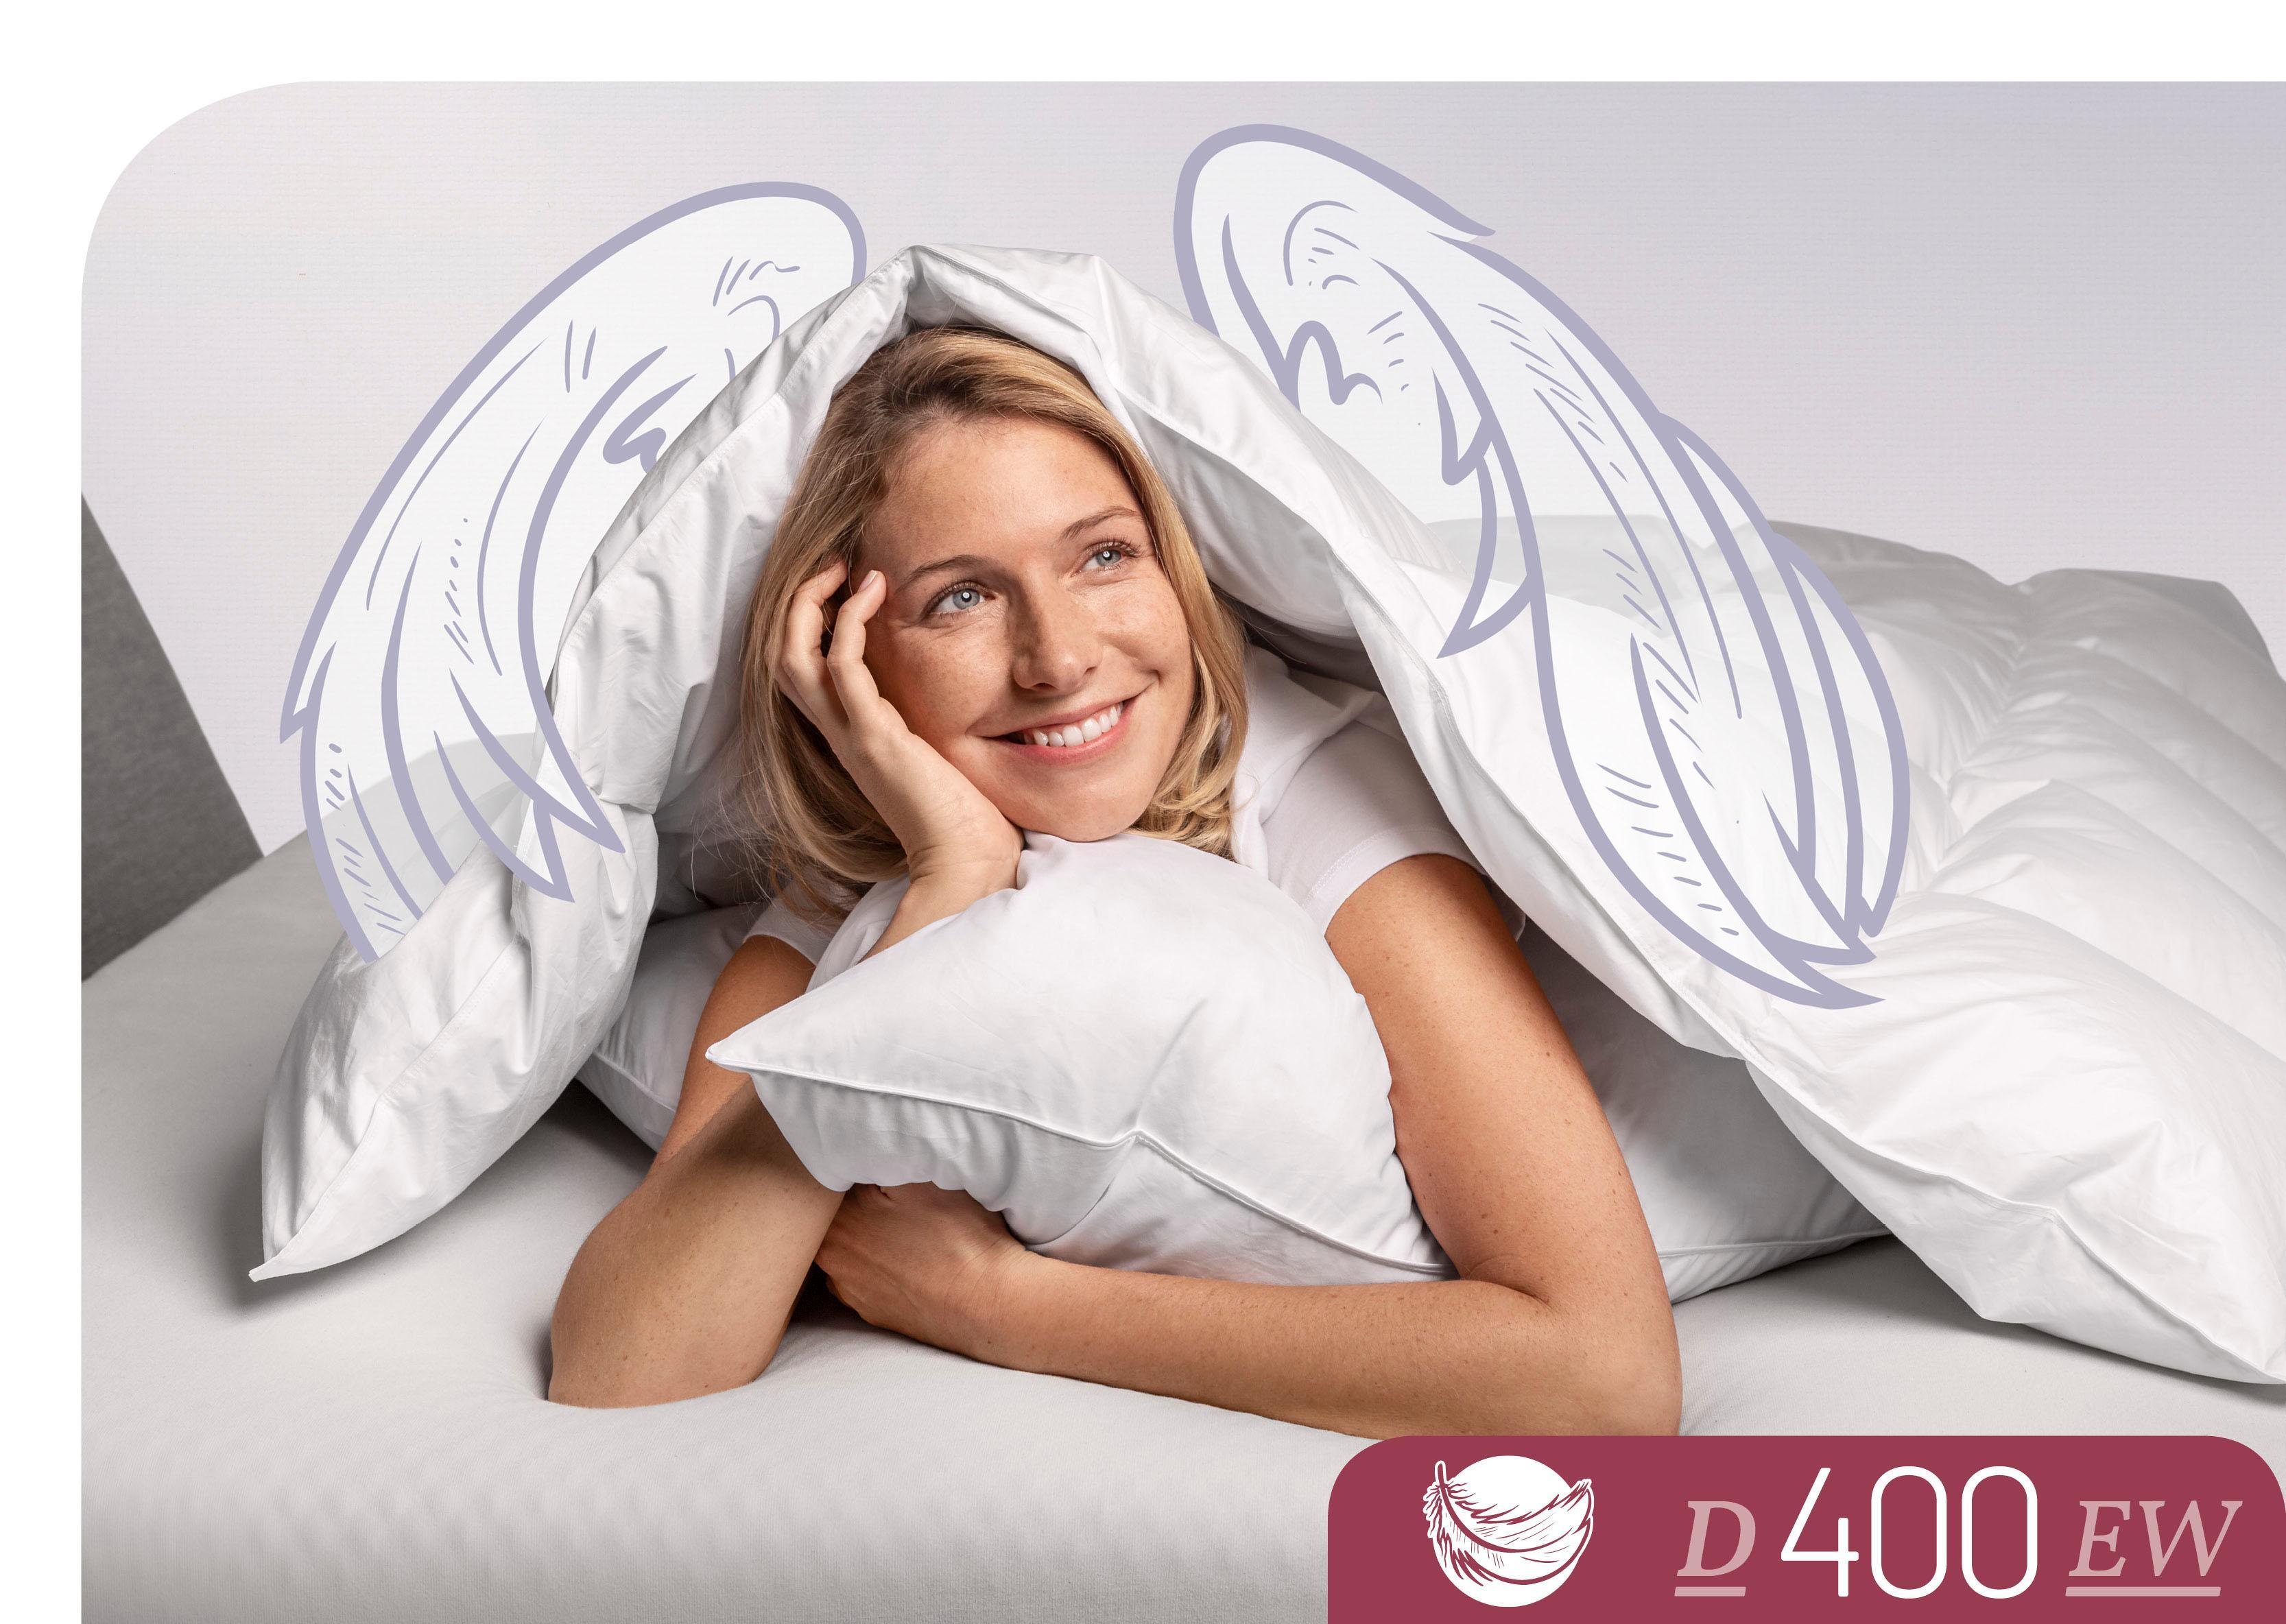 Daunenbettdecke D400 Schlafstil extrawarm Füllung: 90% Daunen 10% Federn Bezug: 100% Baumwolle